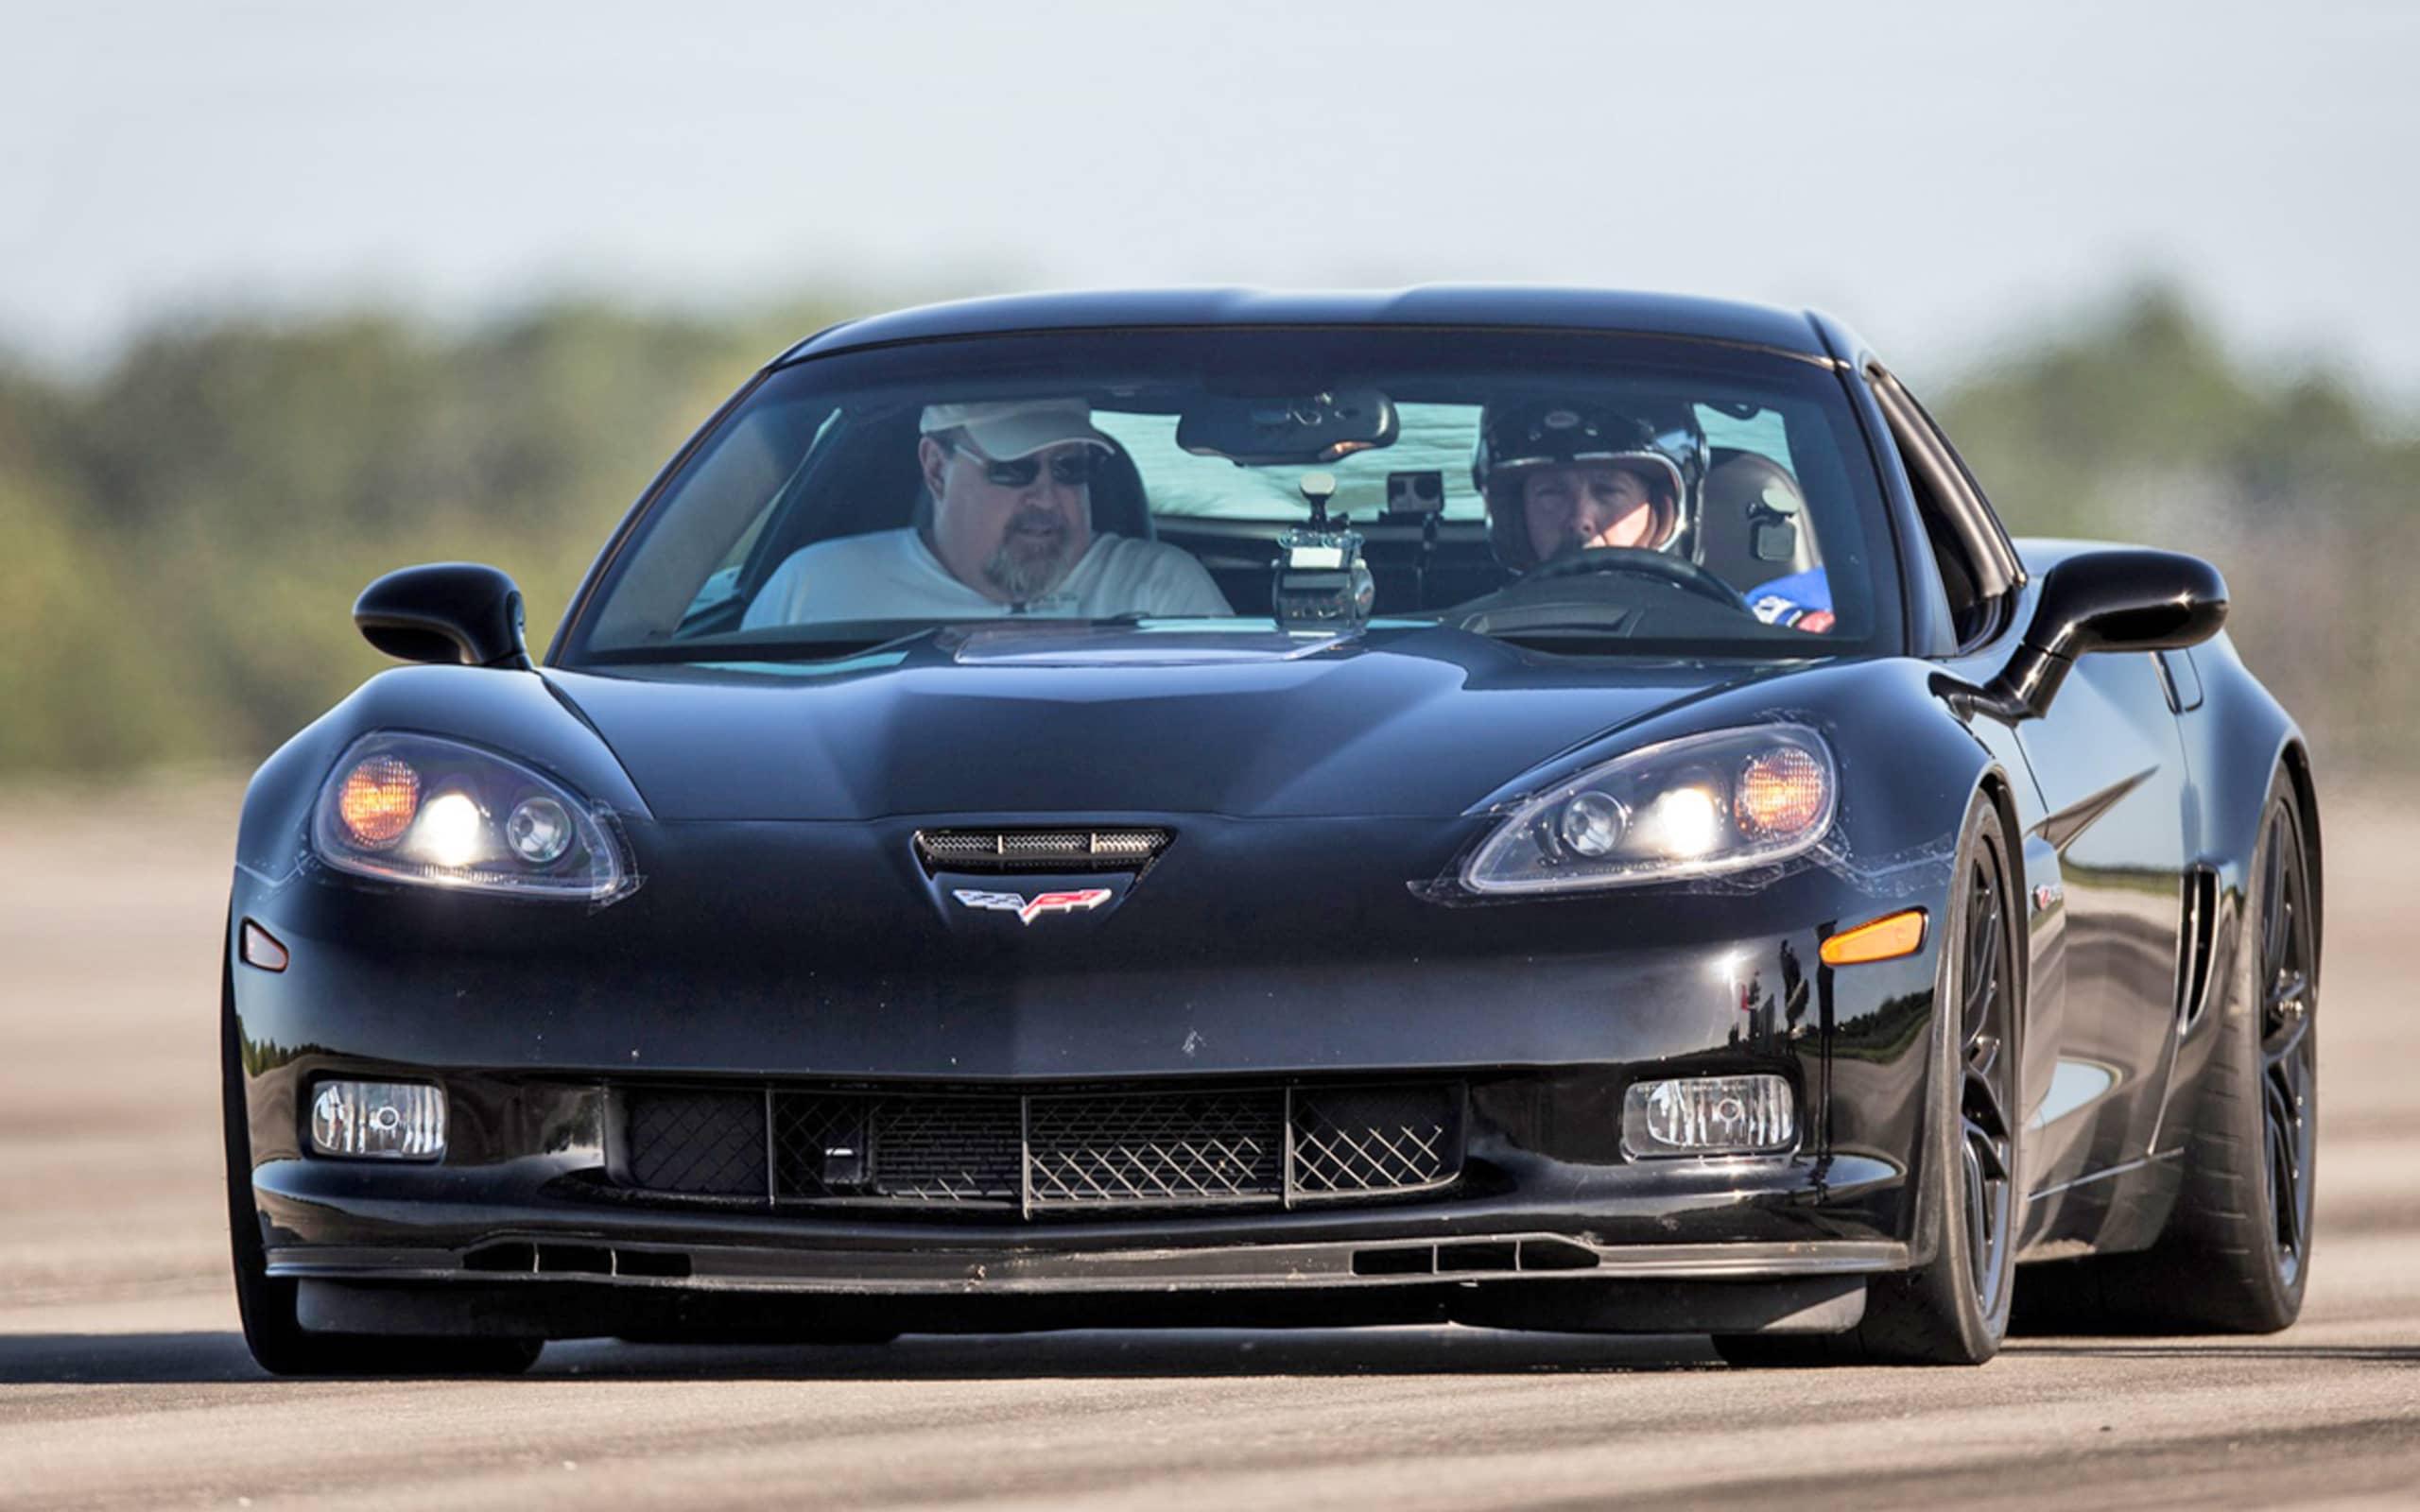 GXE : record du monde de vitesse pour une voiture électrique, 330,9 km/h 5